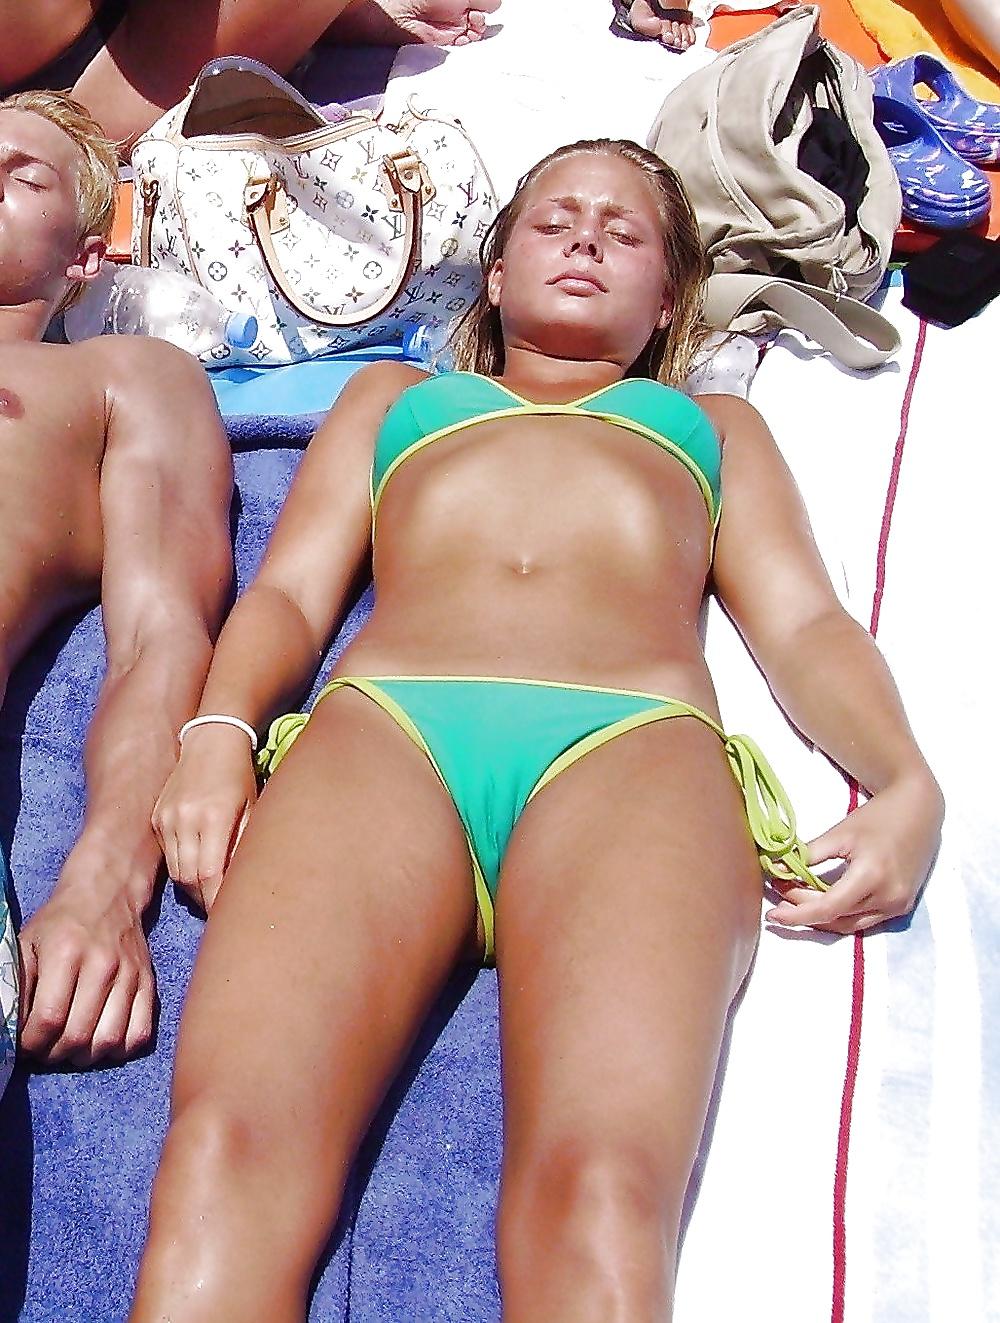 Teen Bikini sexy leaks